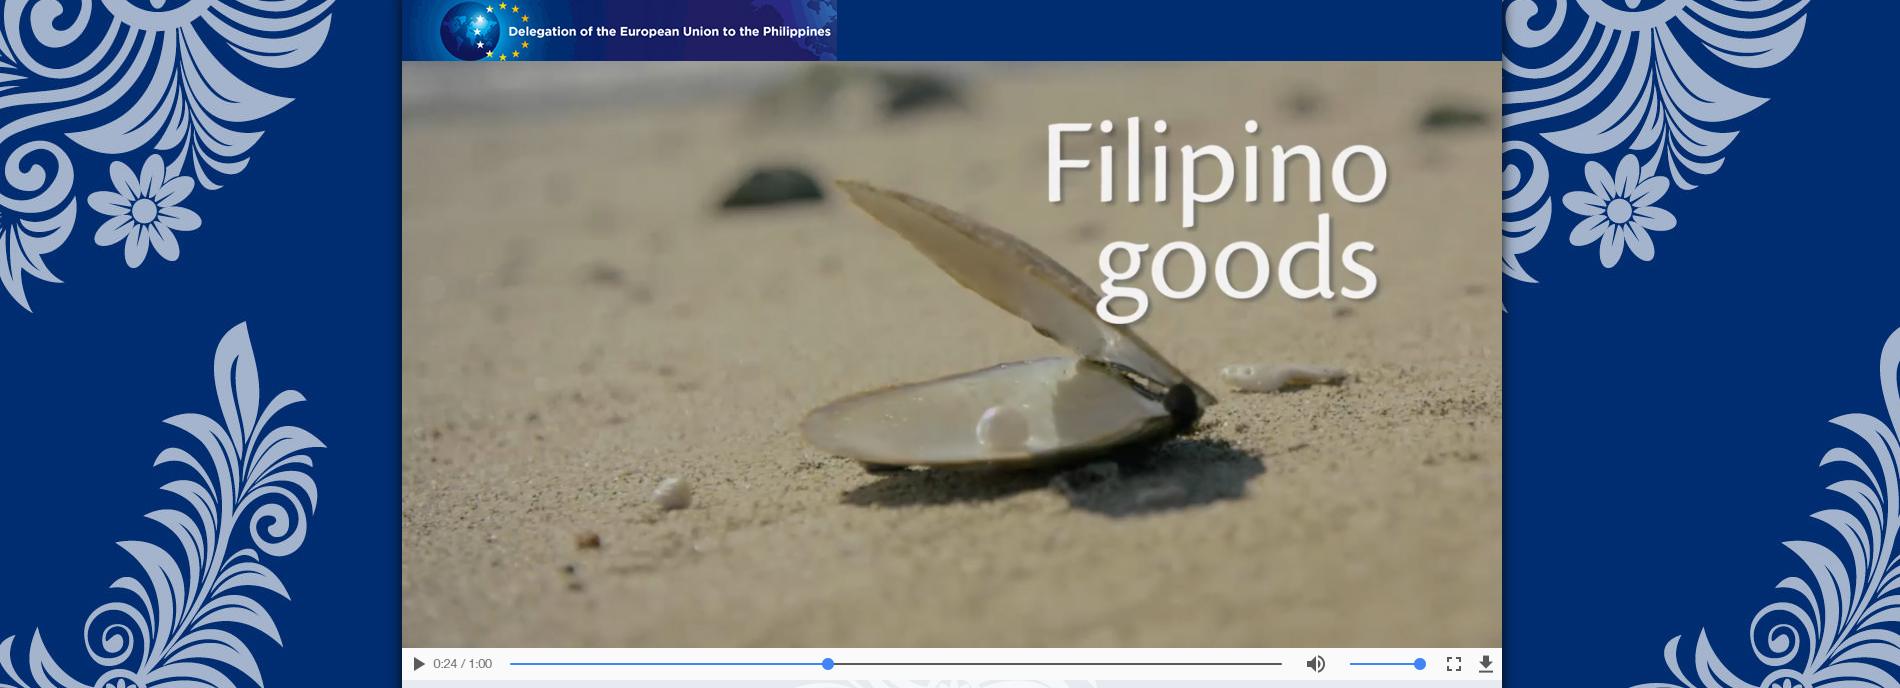 mc_digital_unit_campaign_philippines